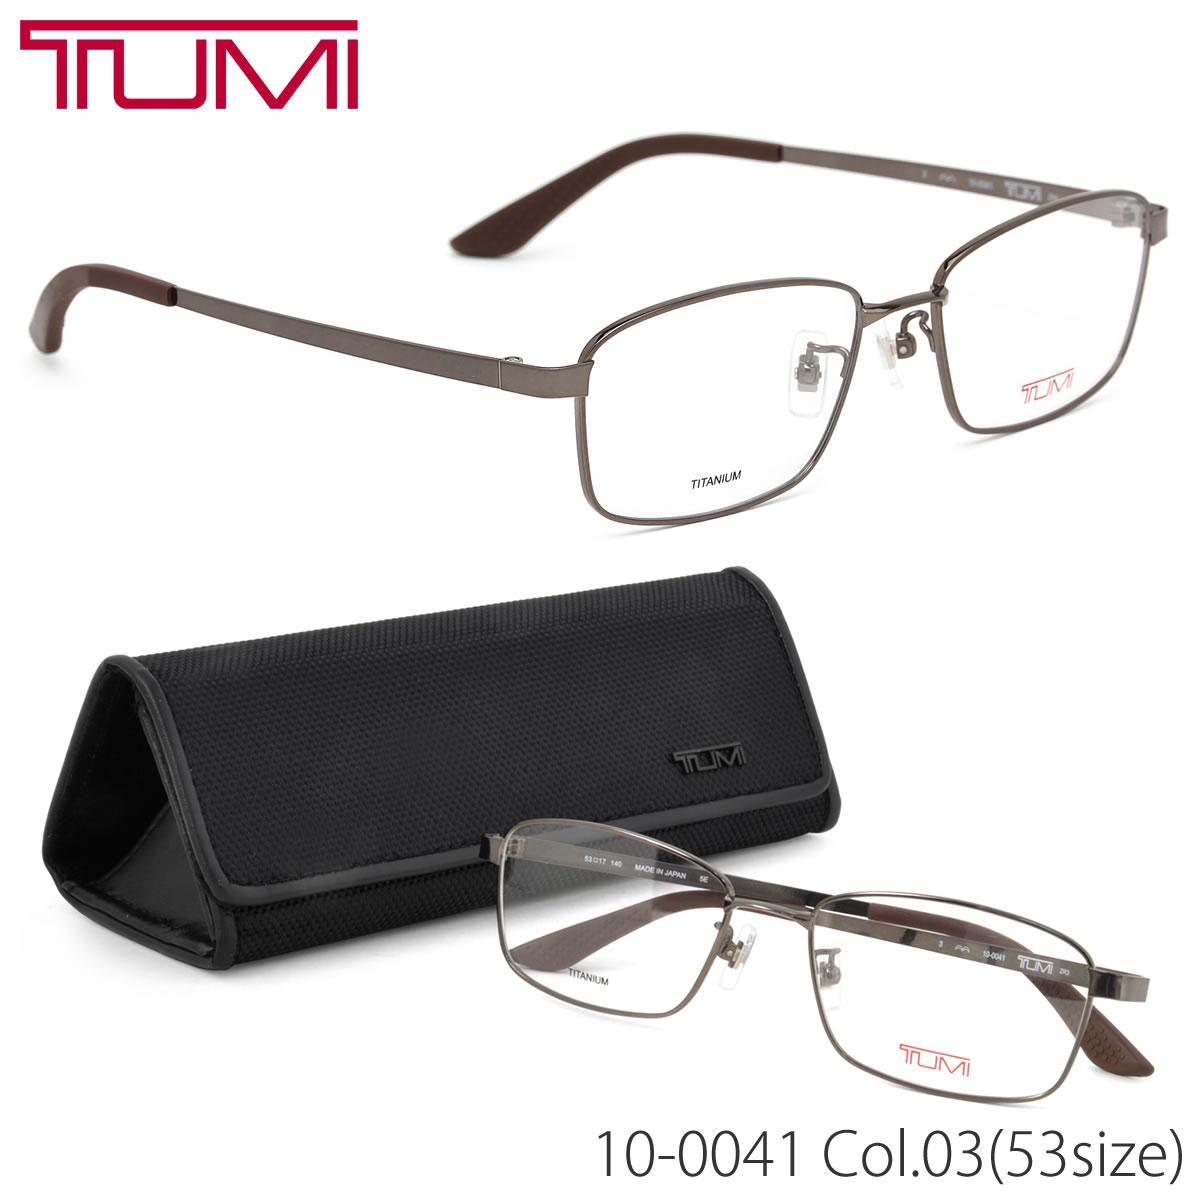 【10月30日からエントリーで全品ポイント20倍】【TUMI】(トゥミ) メガネ フレーム 10-0041 03 53サイズ スクエア チタン 軽量 トゥミ TUMI メンズ レディース